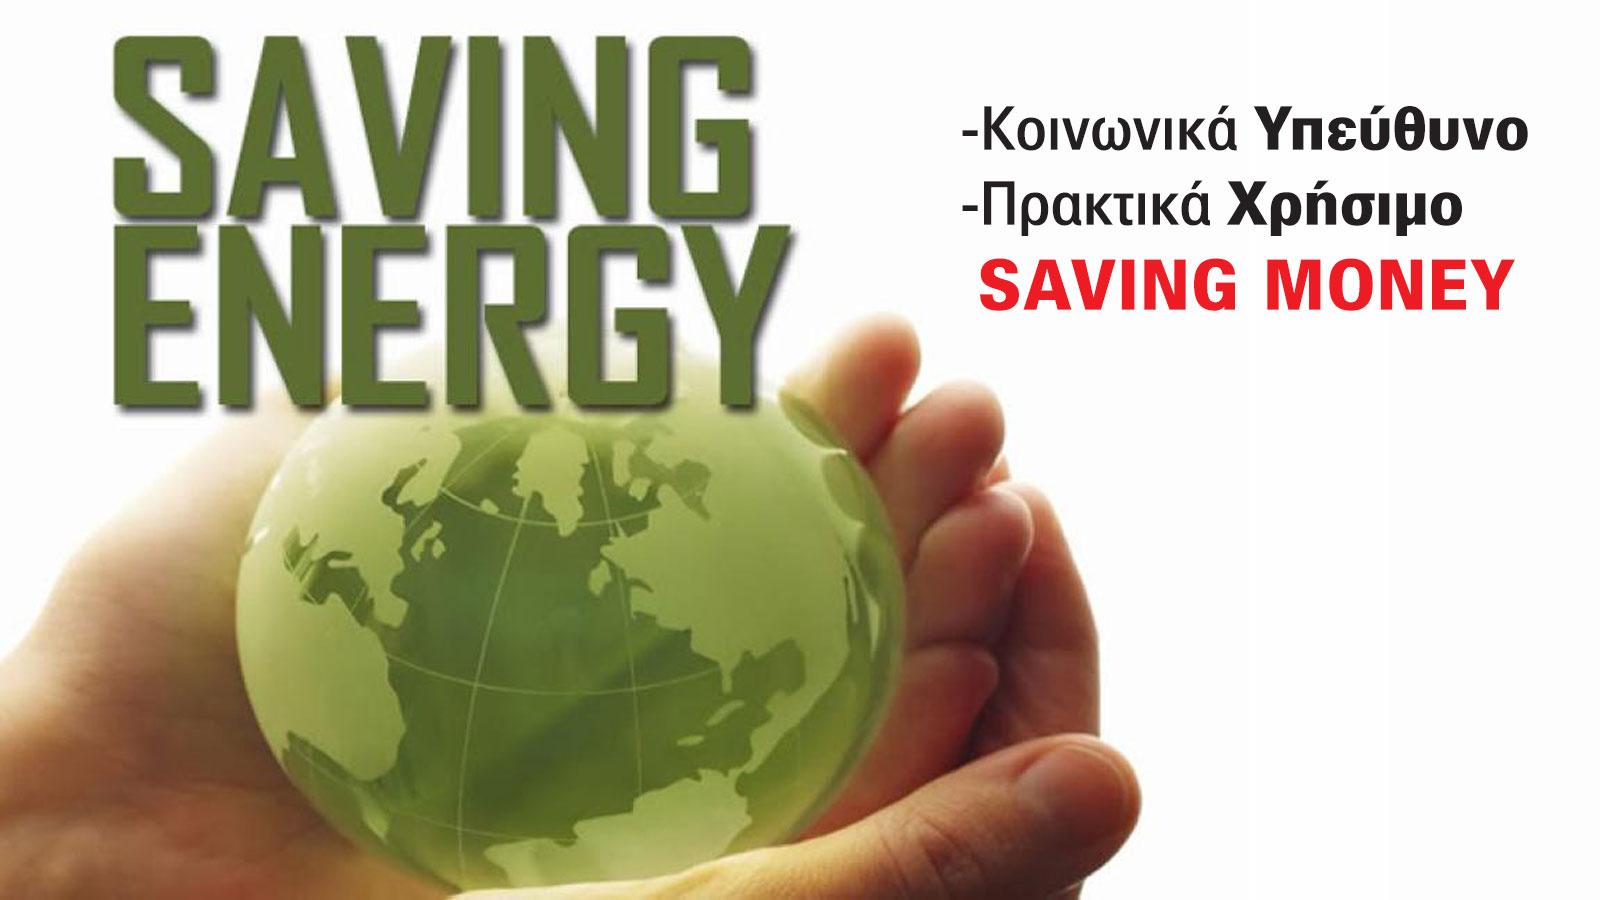 Ένα λιθαράκι από όλους. Όσο μικρό και αν είναι, φέρνει την αλλαγή. Saving energy & money! Aπό μια μικρή αλλαγή καθημερινών συνηθειών ως τις βασικές επιλογές θέρμανσης – ψύξης – μόνωσης, στο σπίτι ή το γραφείο.